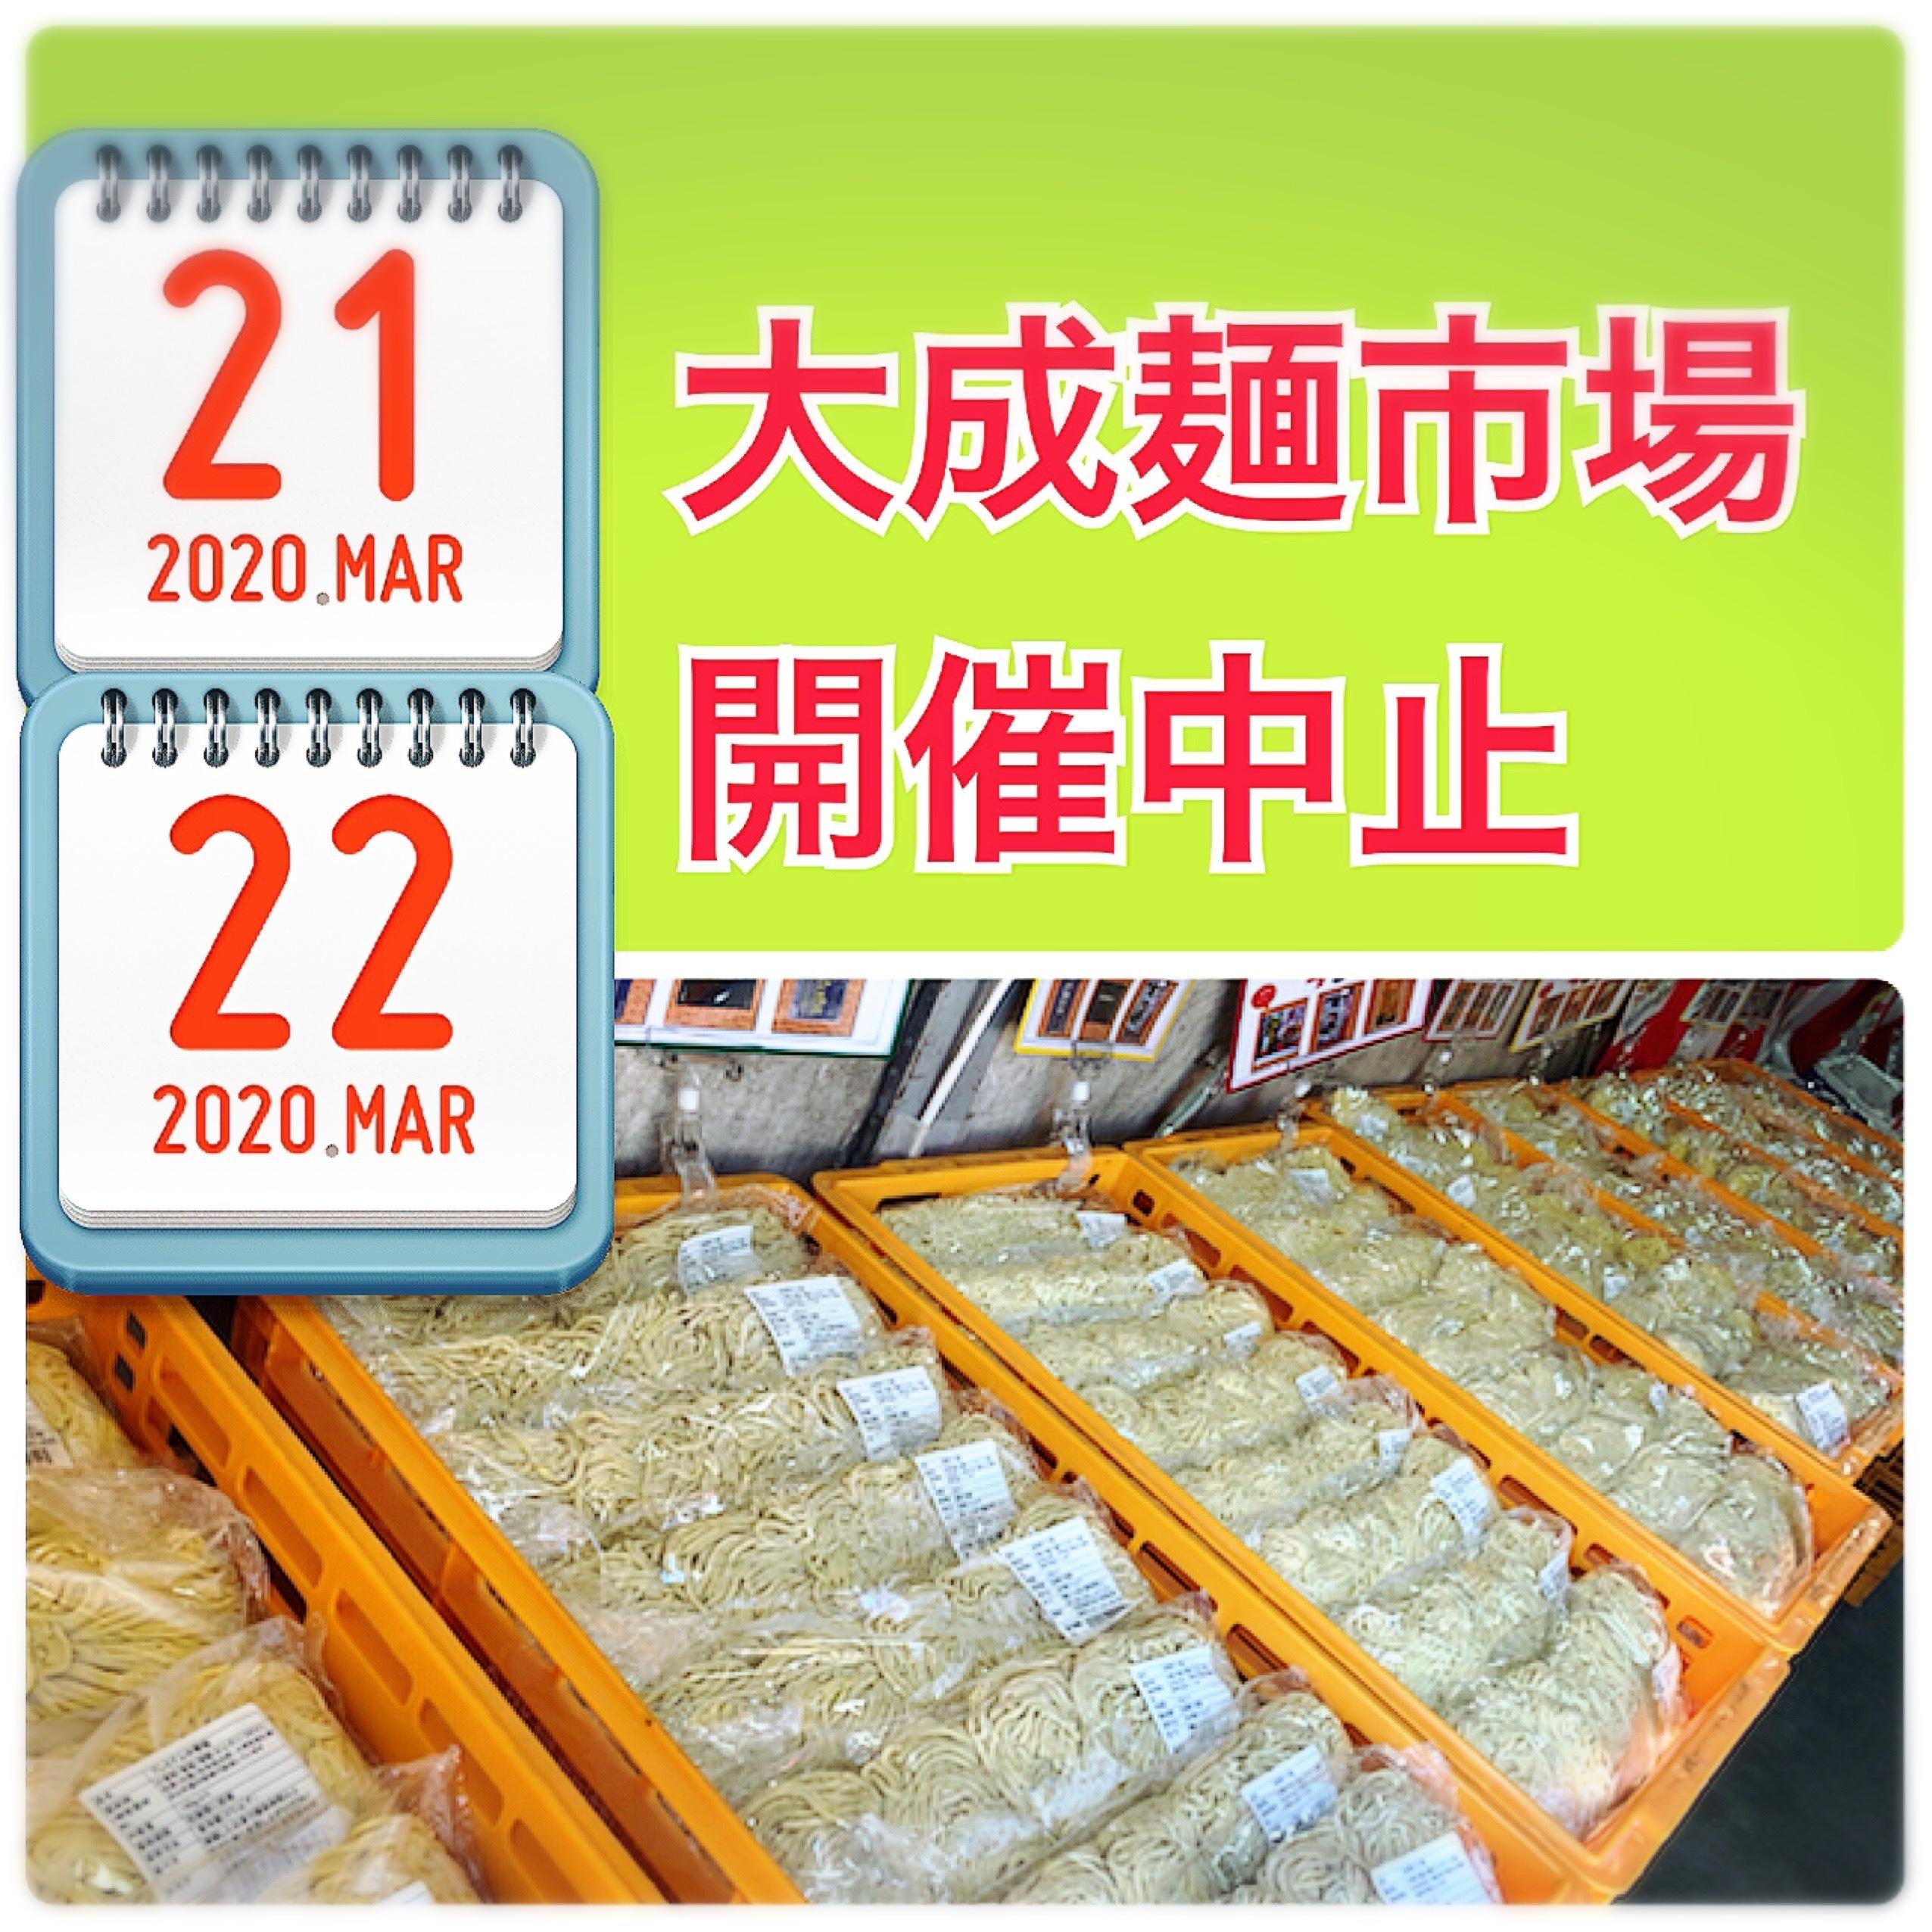 3月の大成麺市場開催中止